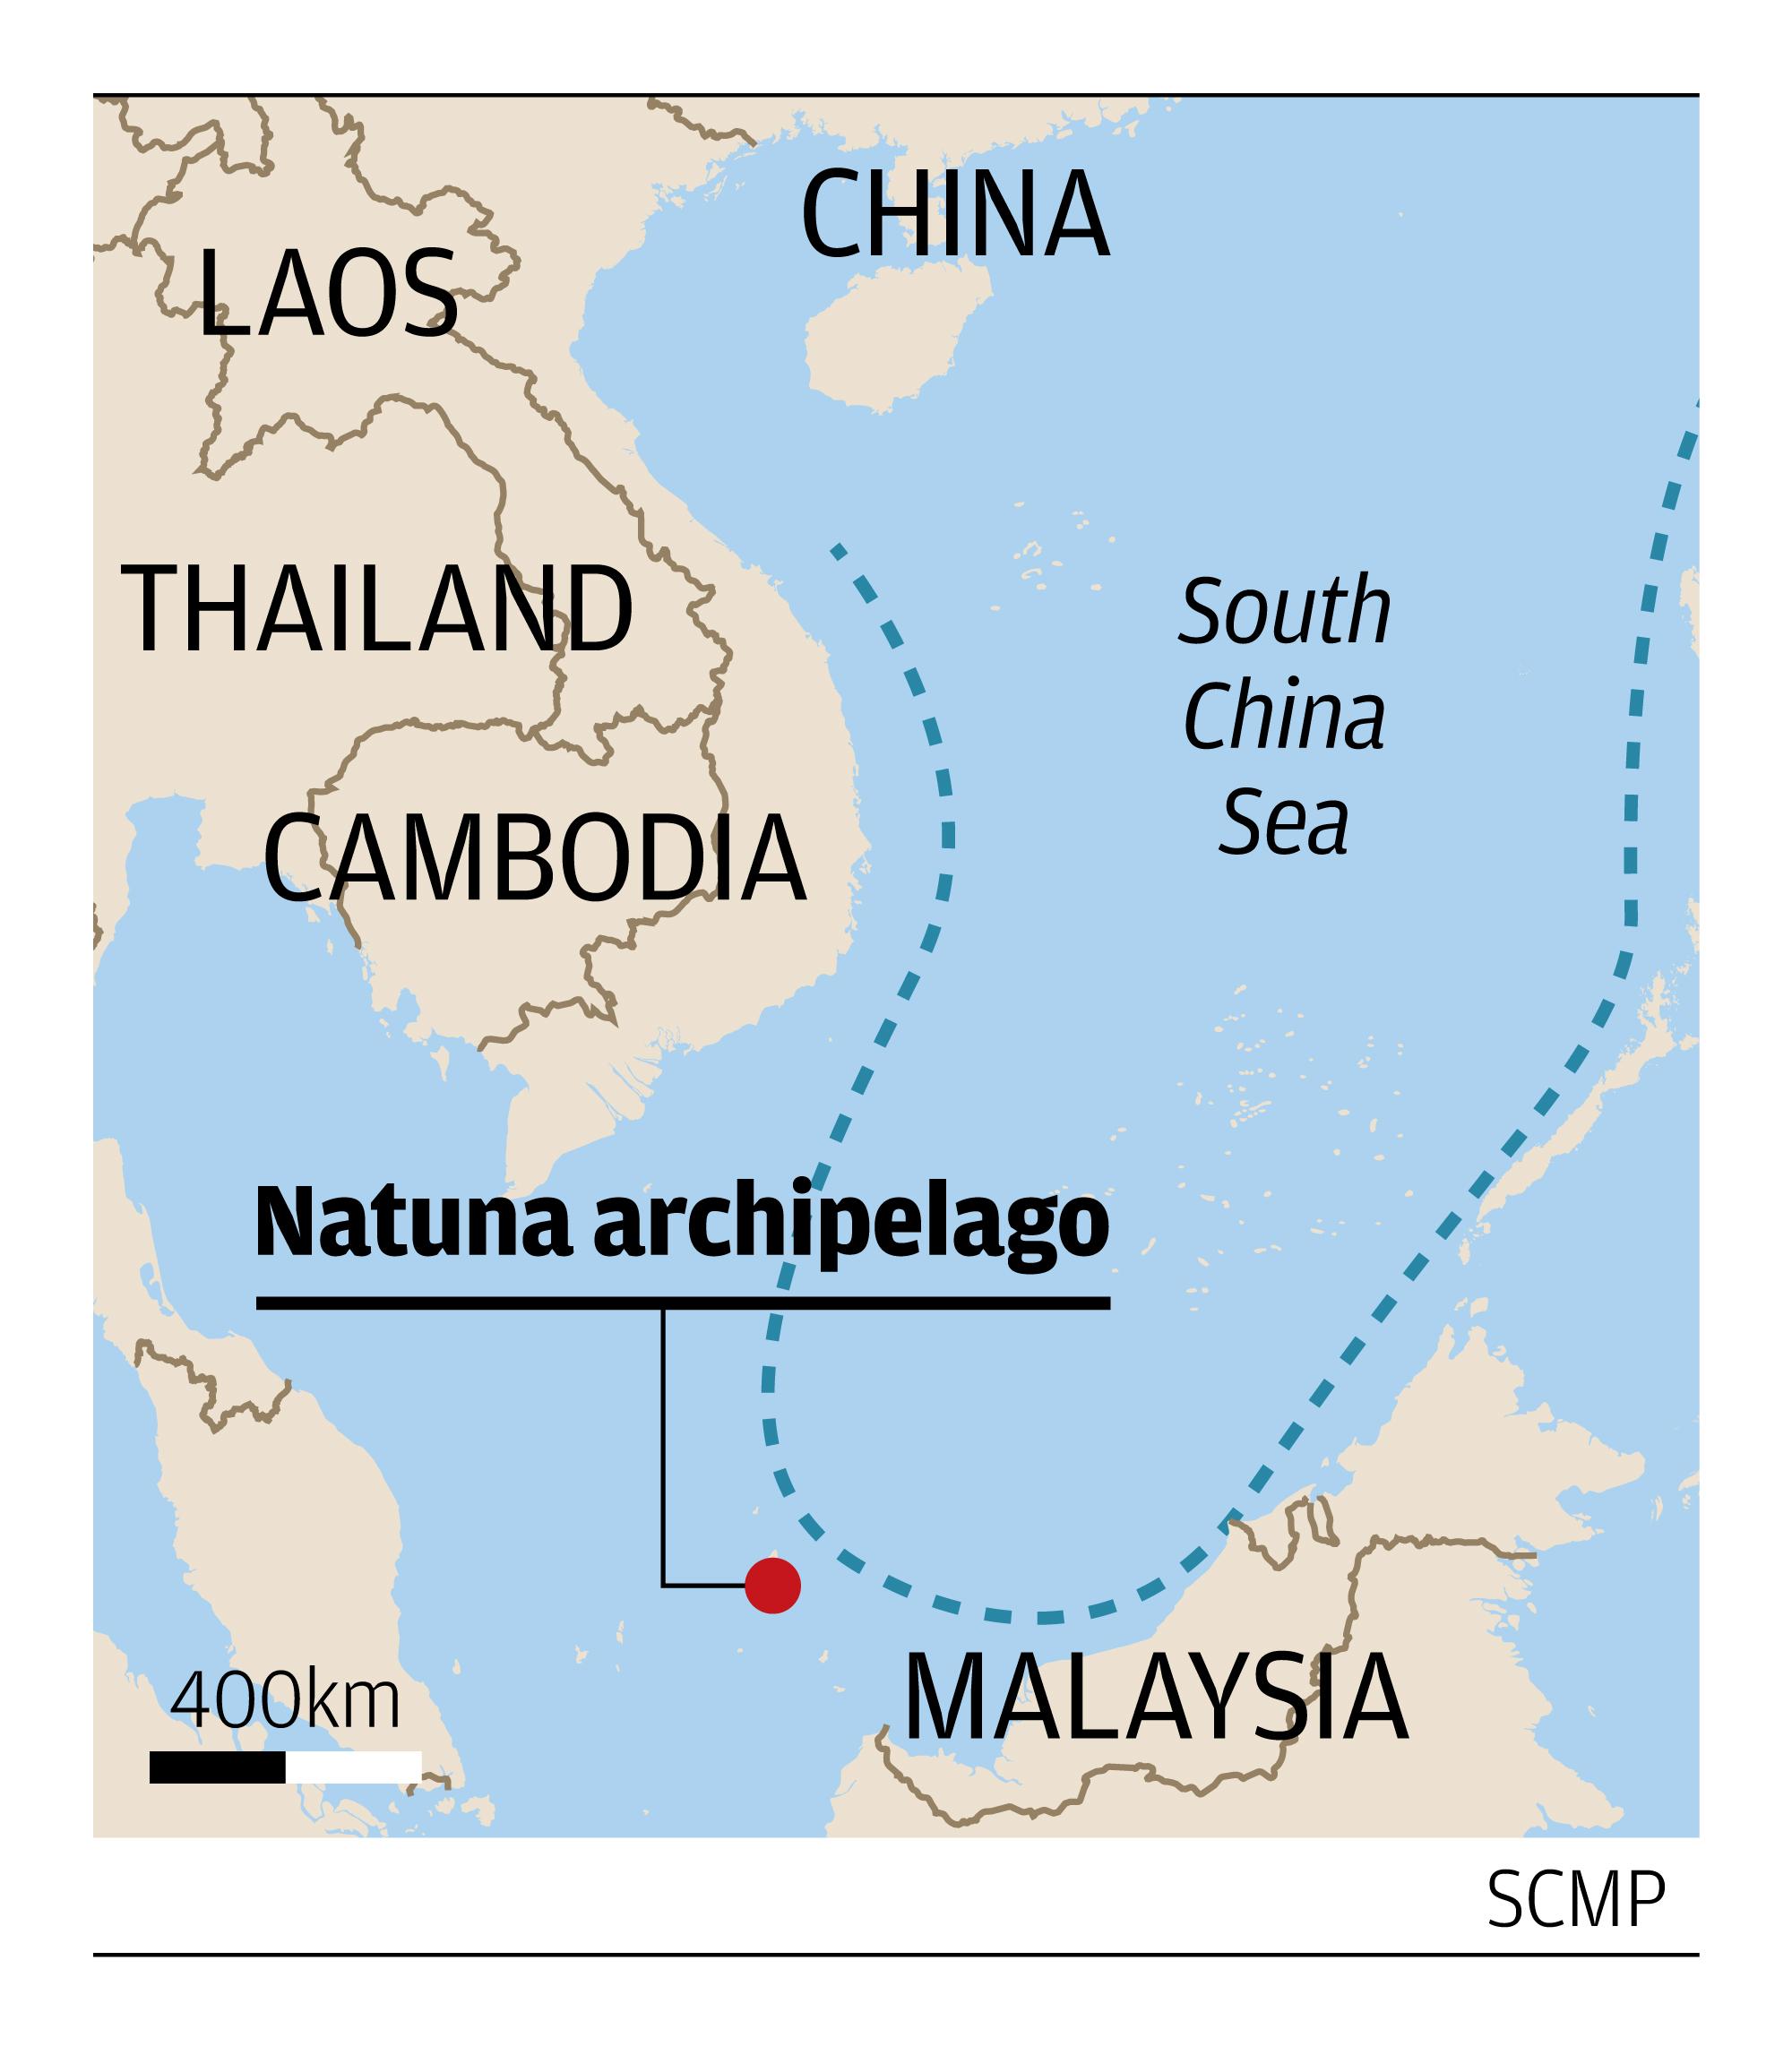 أسطول غواصات محلية.. طموح إندونيسي تحكمه صراعات بحر الصين الجنوبي Indo-mili-map